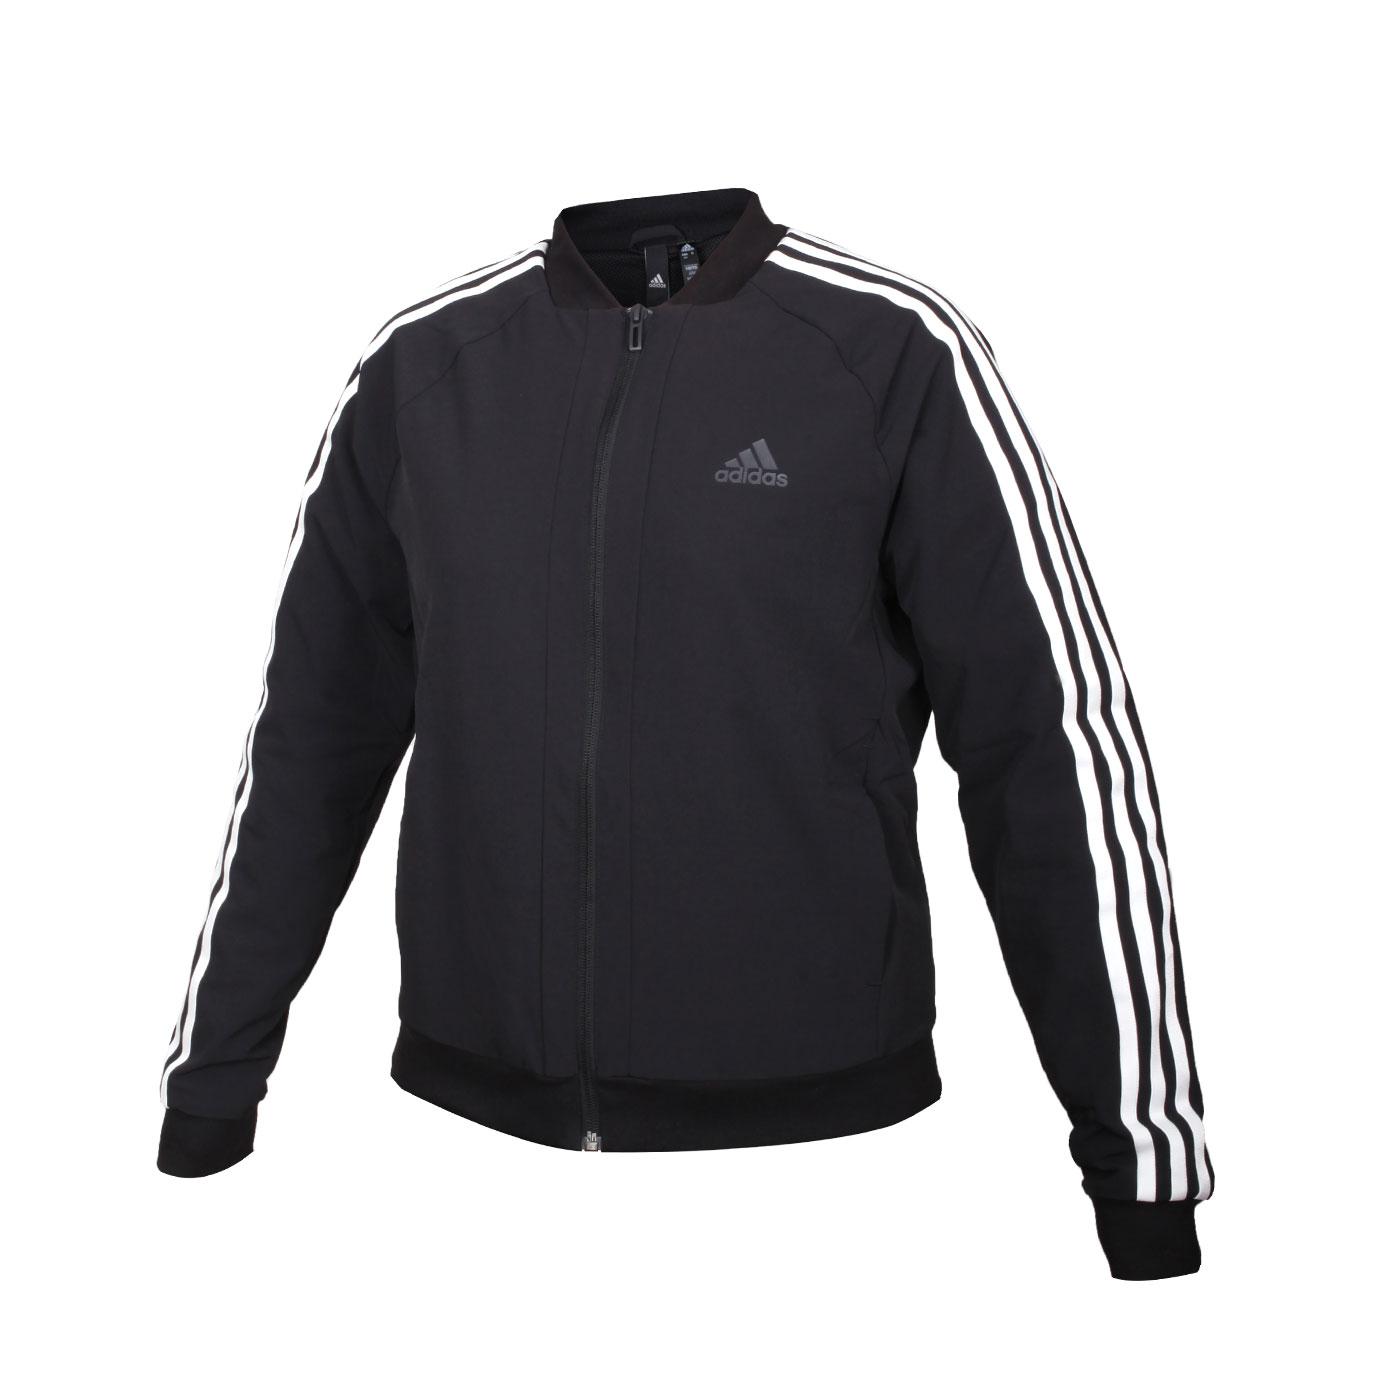 ADIDAS 女款運動外套 GF0189 - 黑白